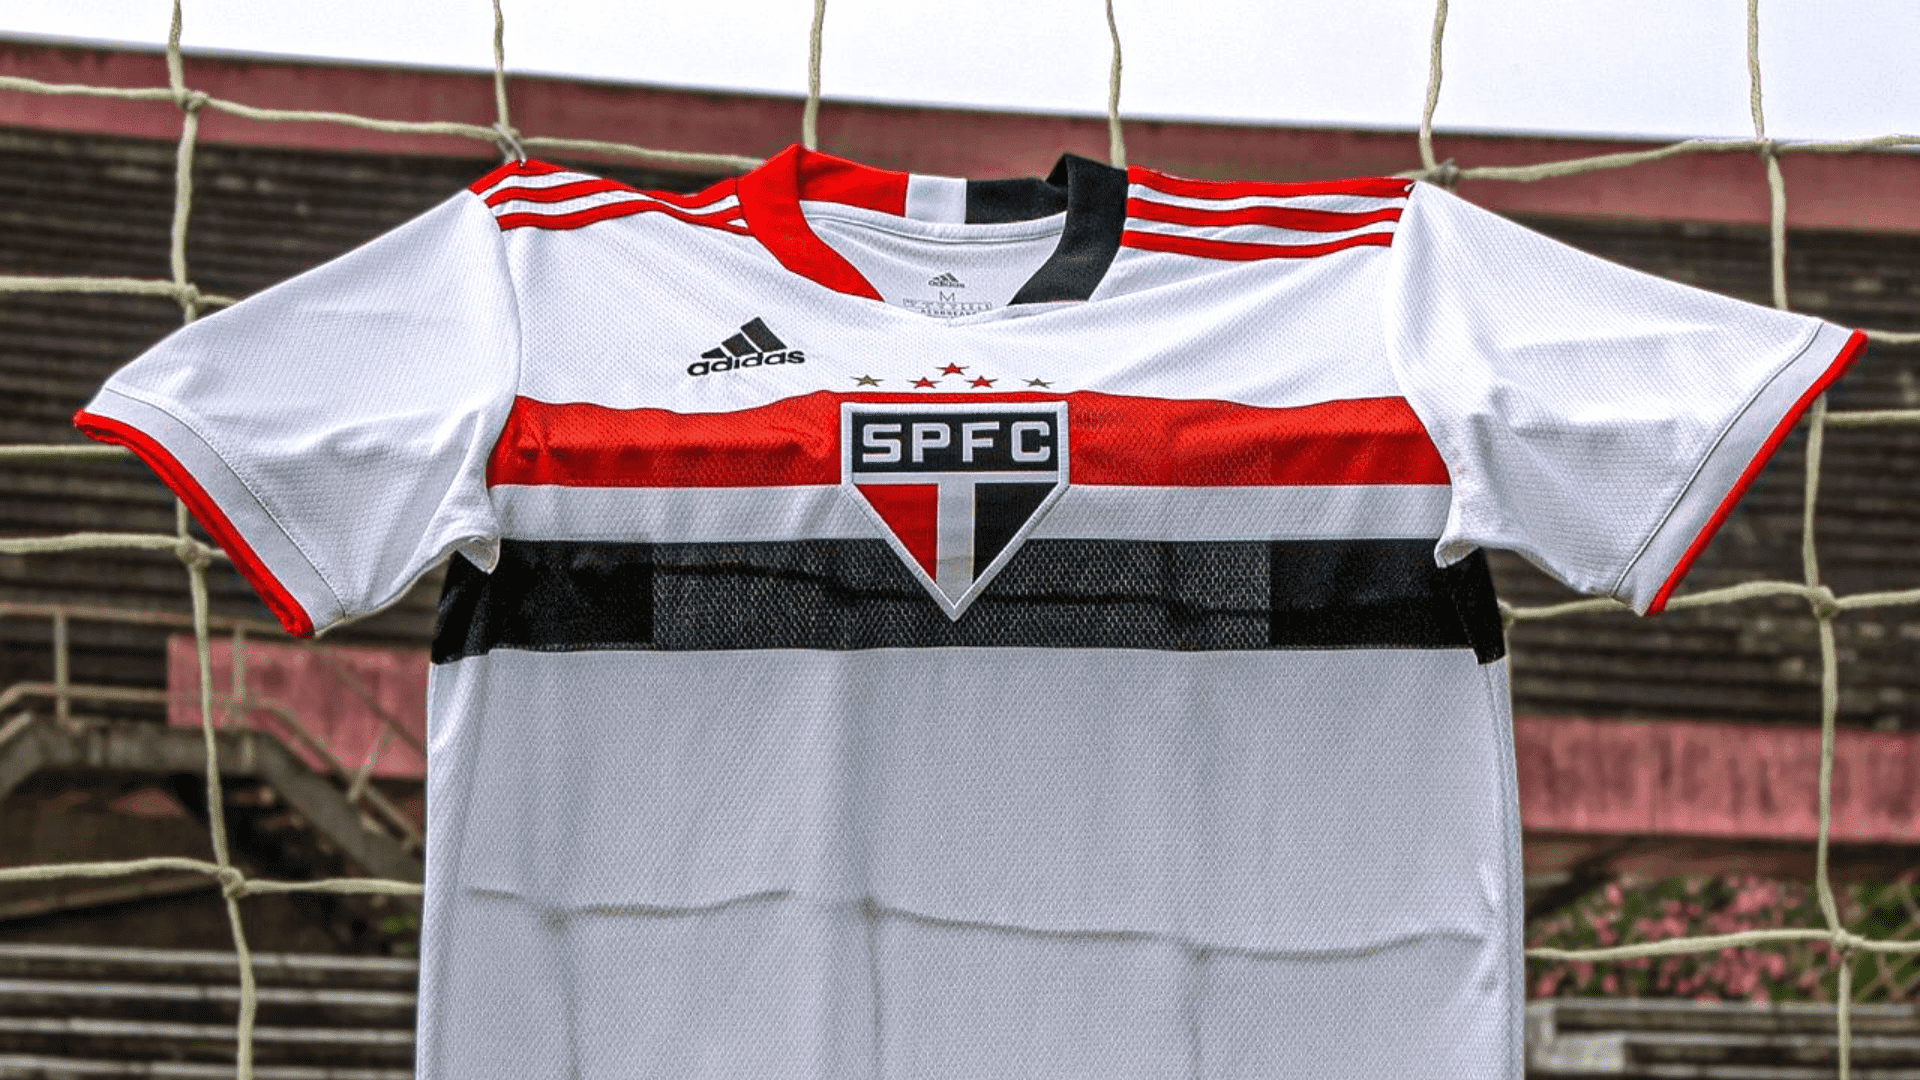 Conheça os modelos de camisa do São Paulo para comprar em 2021! (Imagem: Divulgação/Adidas)